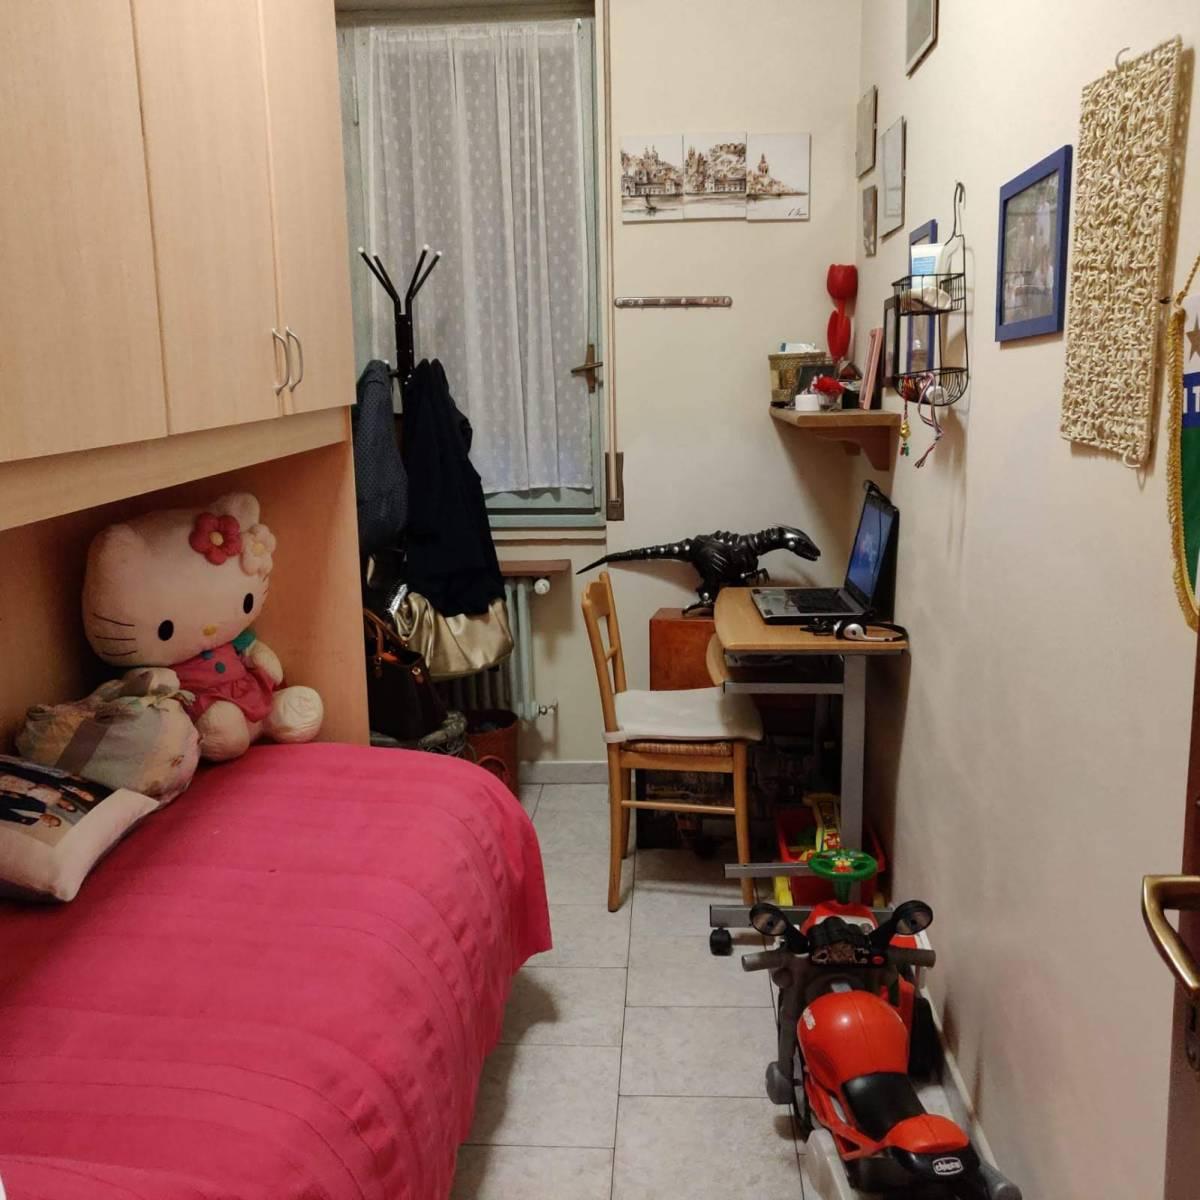 appartamento-in-vendita-milano-quinto-romano-via-novara-2-locali-bilocale-spaziourbano-immobiliare-vende-8